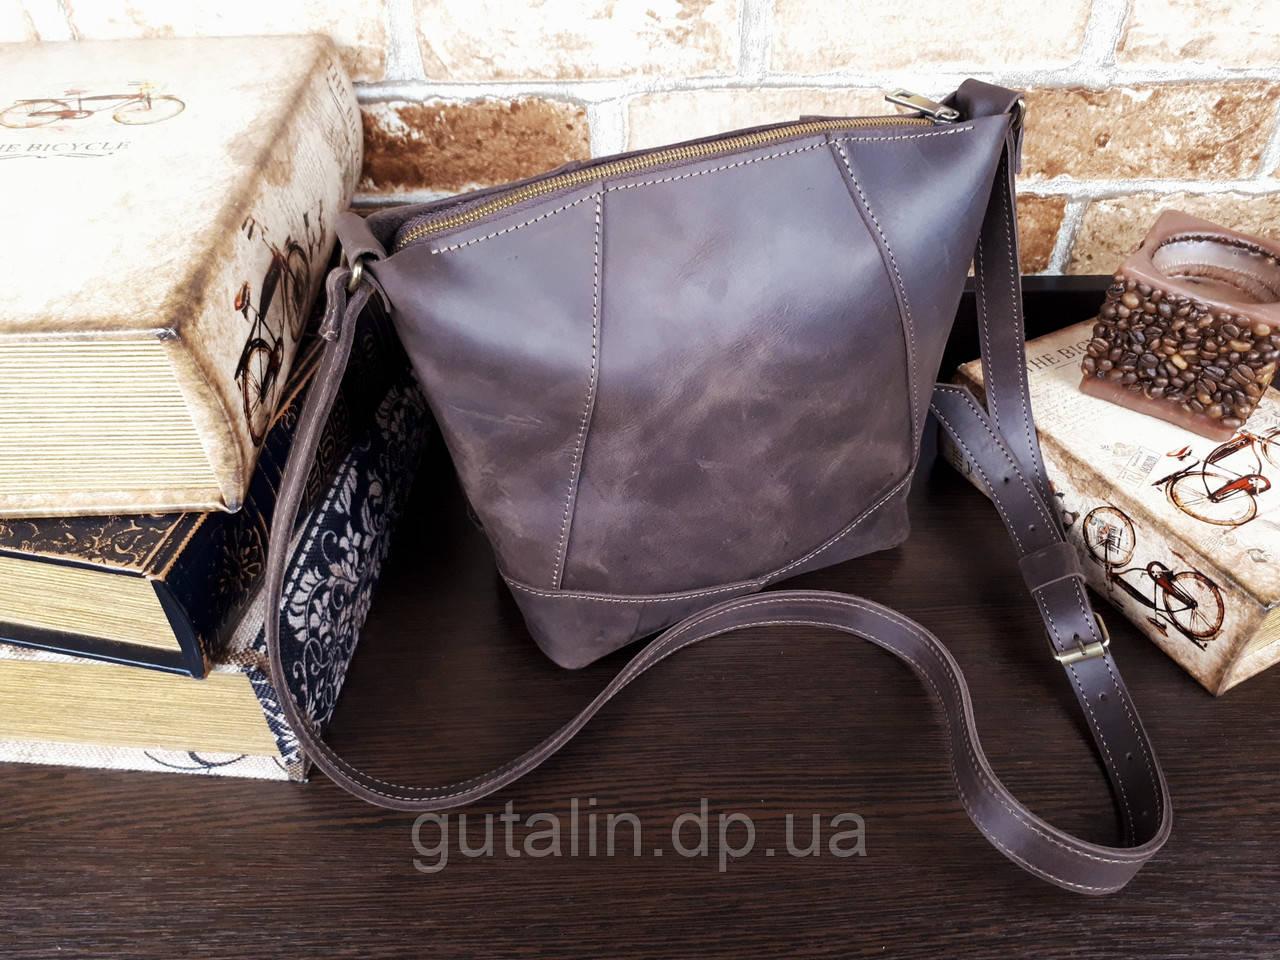 Женская сумка ручной работы из натуральной кожи Comfort цвет коричневый